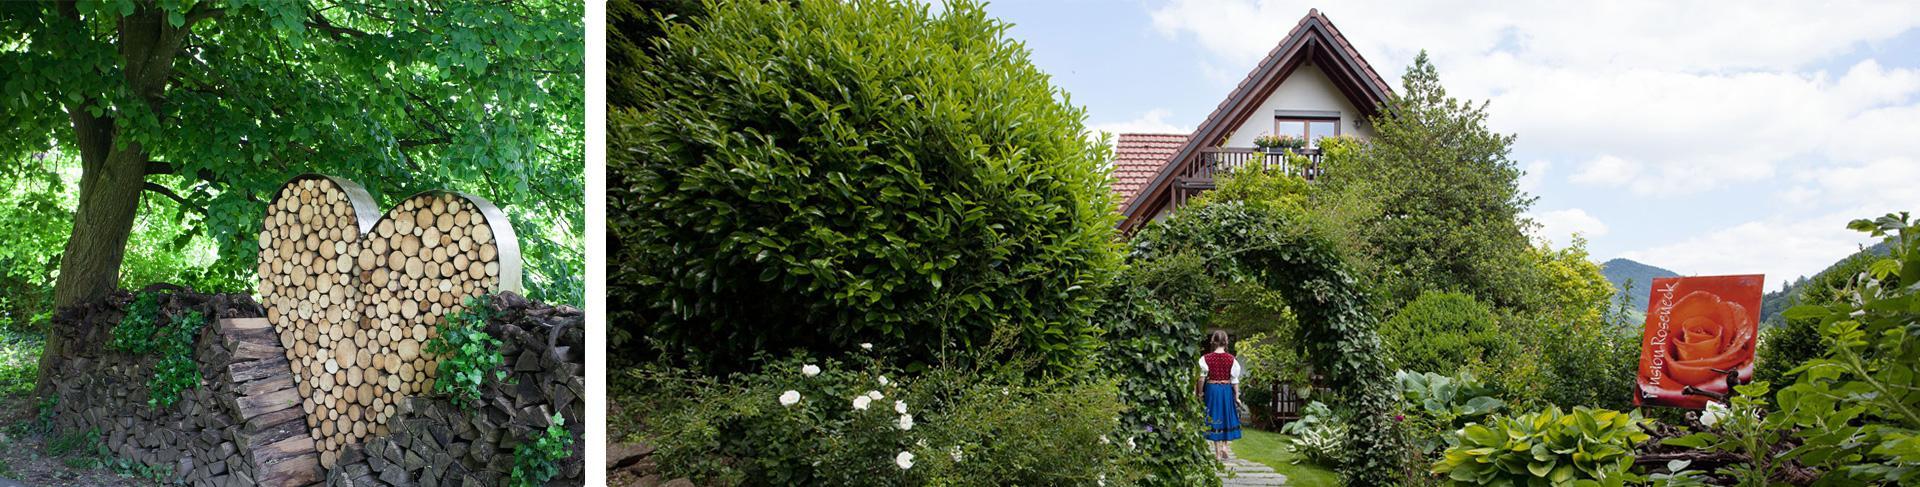 Blick vom Waldrand in den Garten des Rosenecks